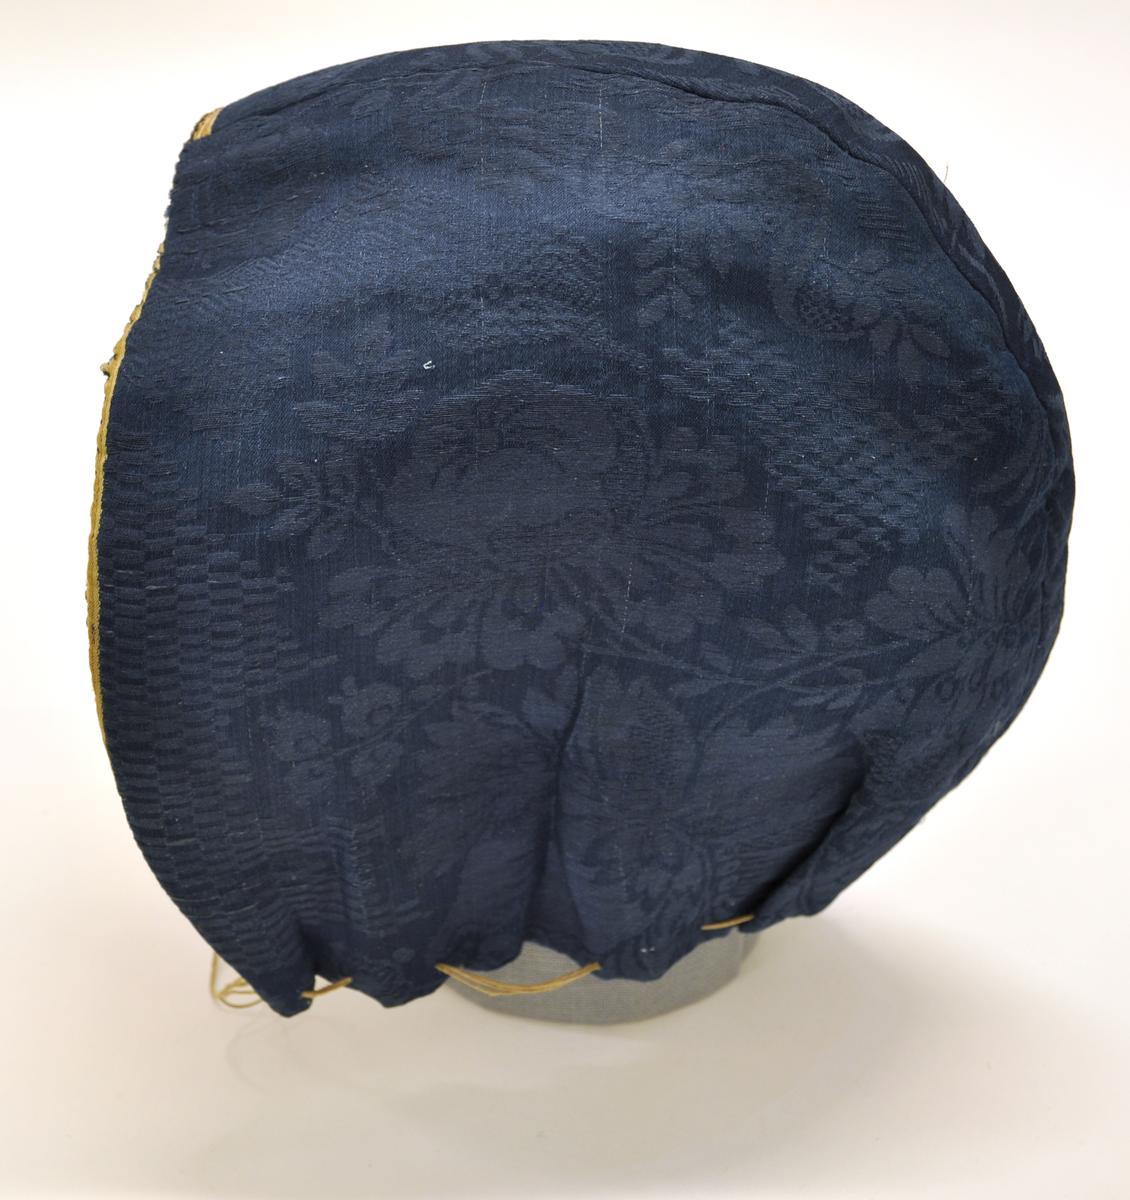 Mjuk bindmössa från Björketorps sn, Bollebygd hd. Blå sidendamast med blommig mönster. Fodrad med ofärgat linnetyg. Snöre som rynkar nederkanten.